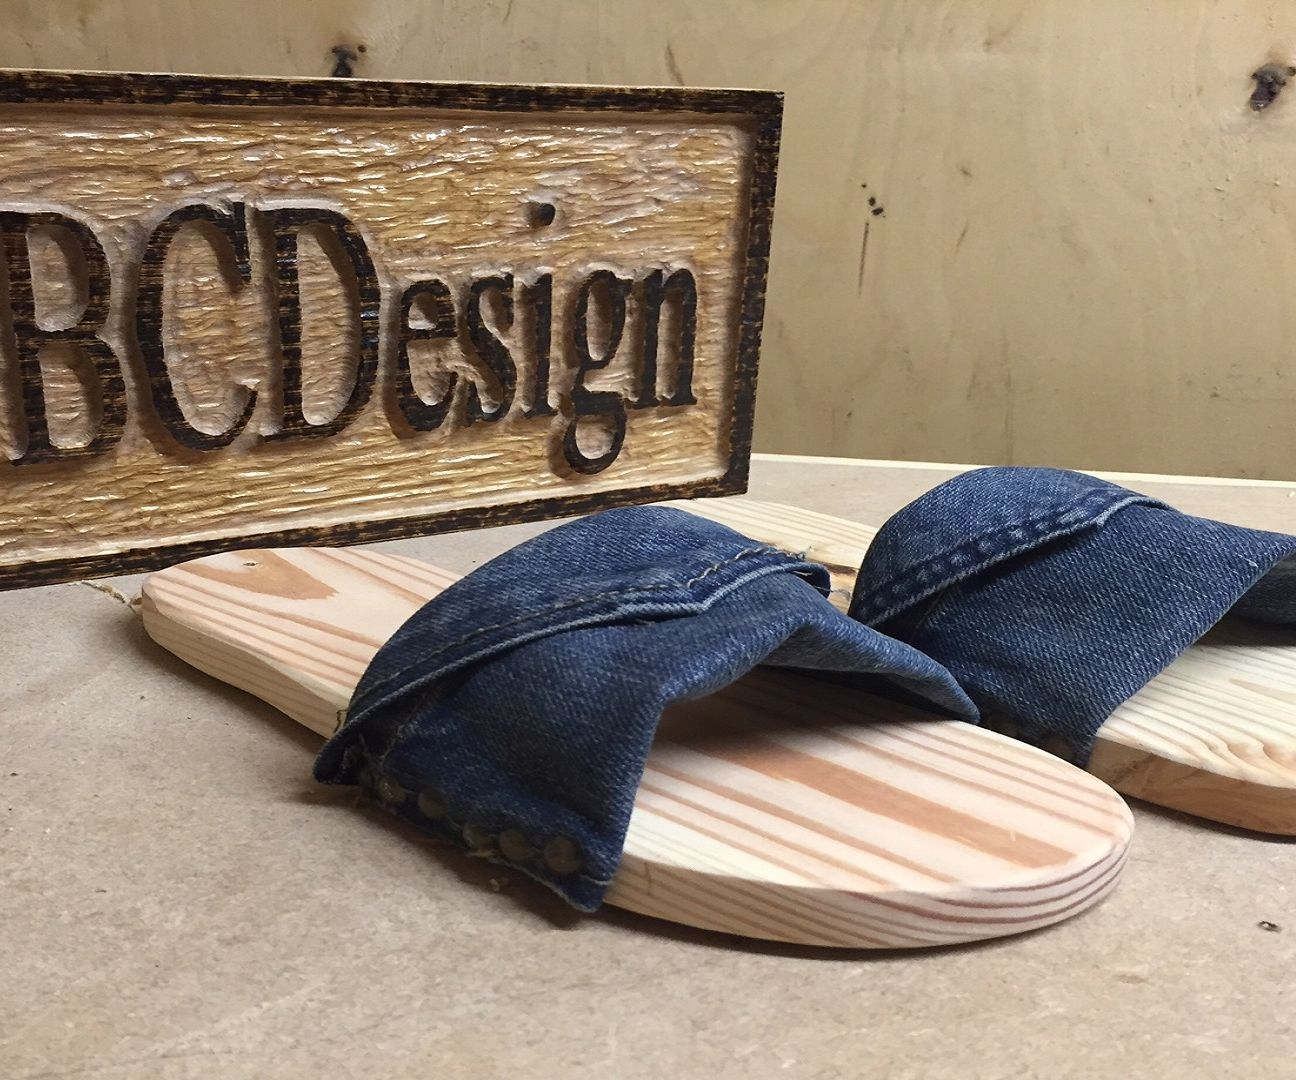 Pallet Wood & Denim Footwear